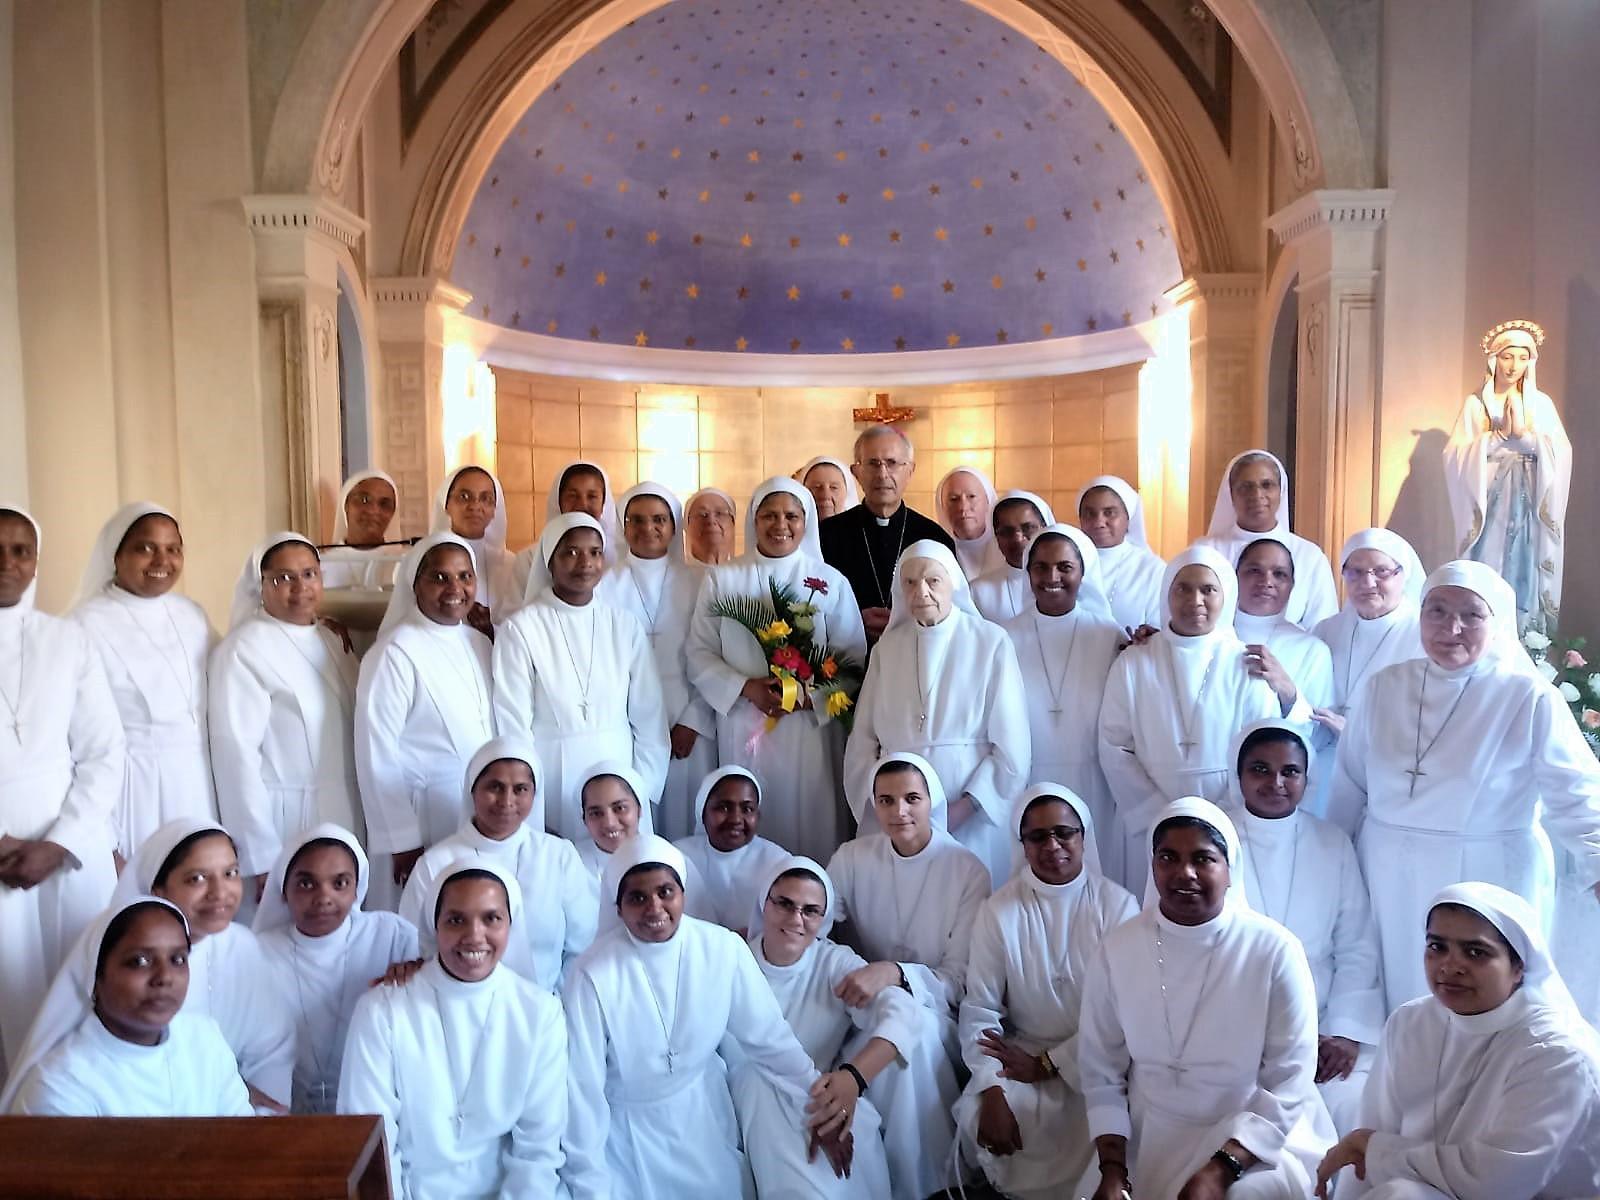 Gruppo di Suore insieme la Nuova Madre Generale e Arcivescovo di Pisa S.E. Mons. Giovanni Paolo Benotto